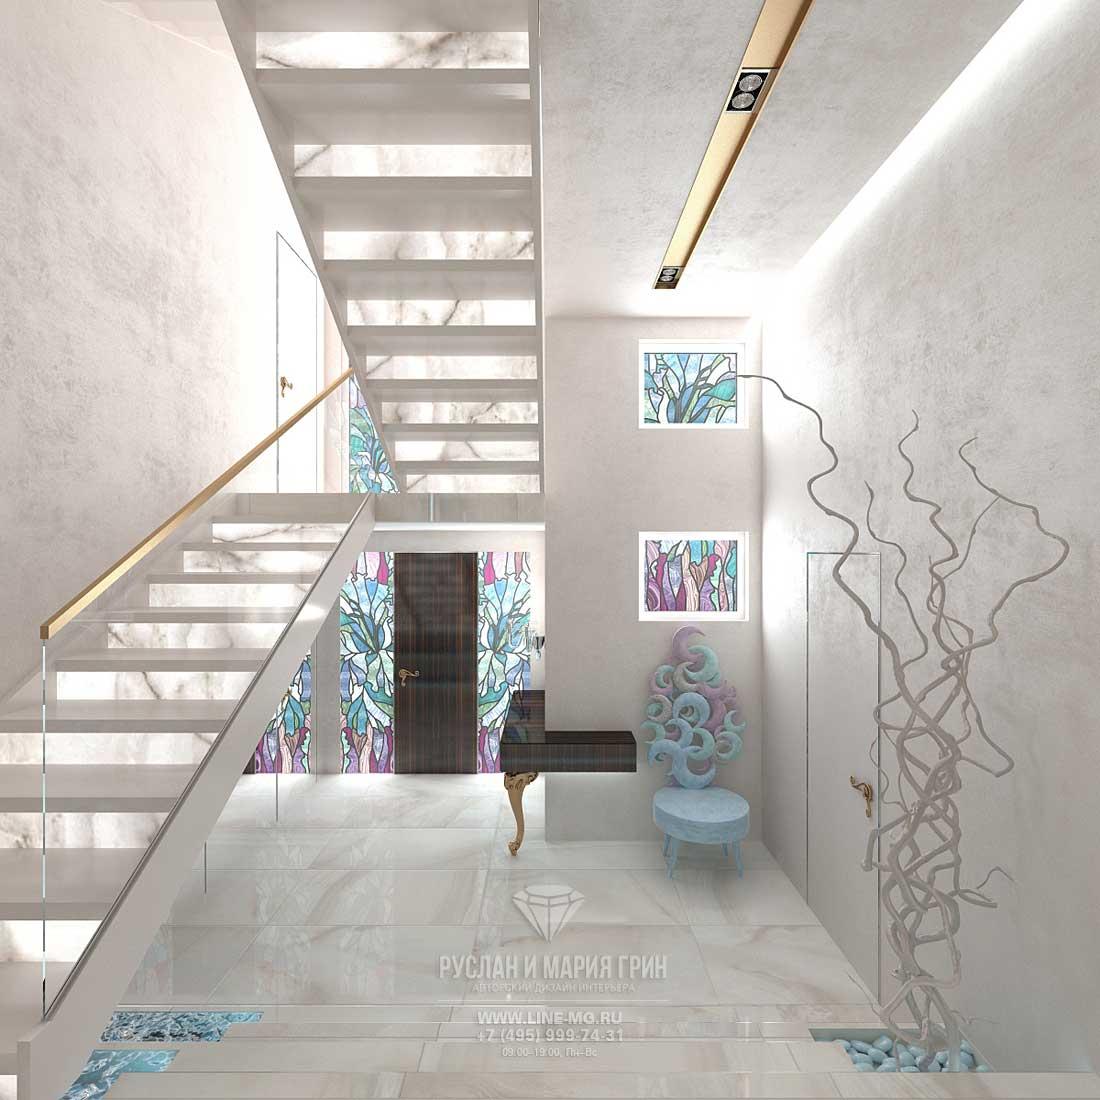 Дизайн лестничного холла в доме